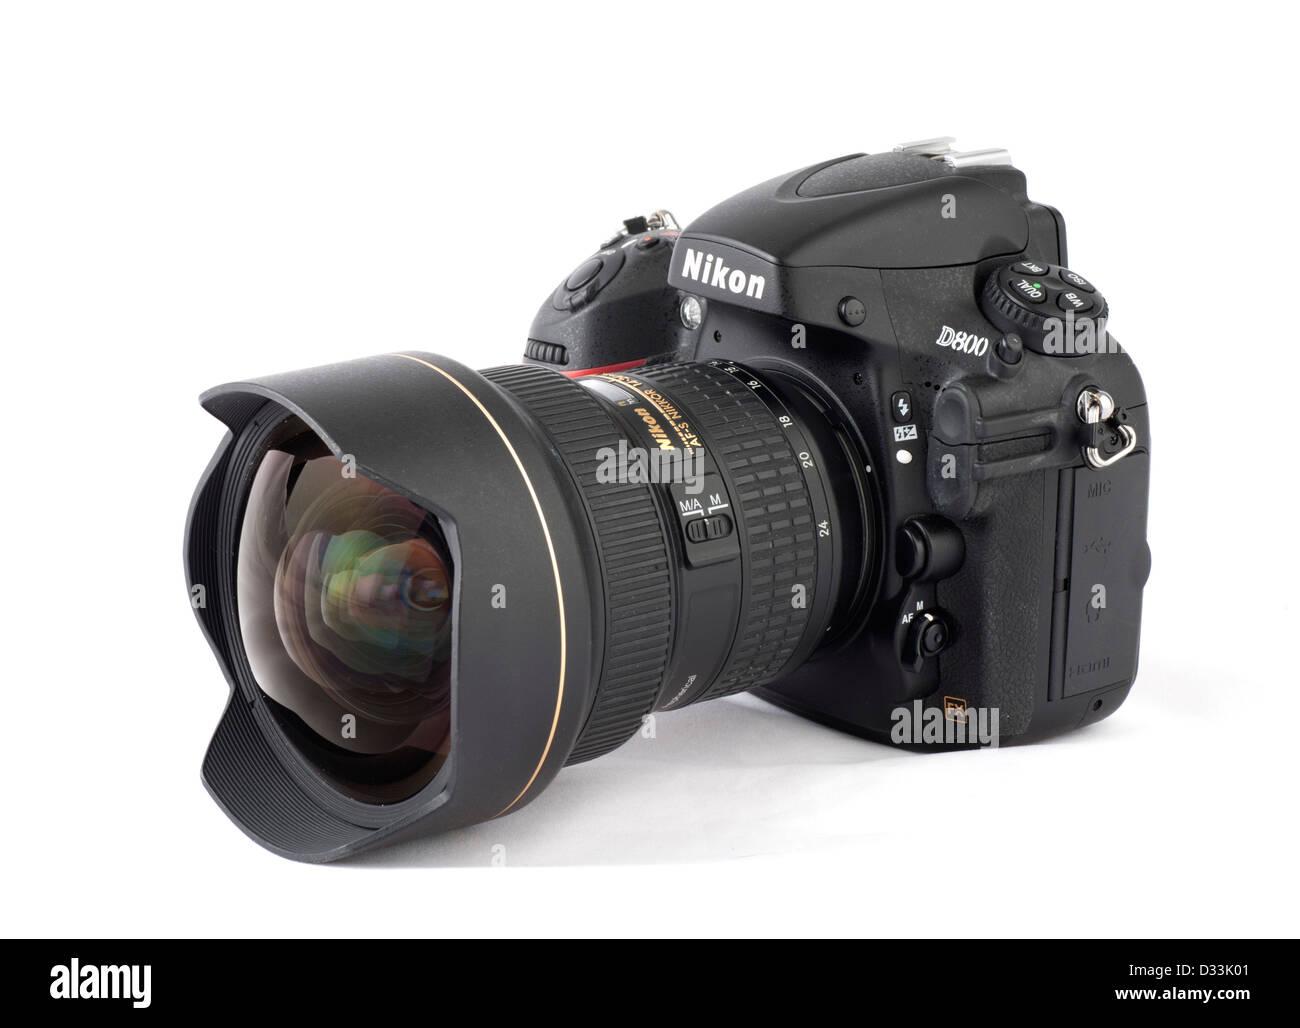 A Nikon D800 digital SLR with AF-S Nikkor 14-24mm f2.8 G ED zoom lens - Stock Image